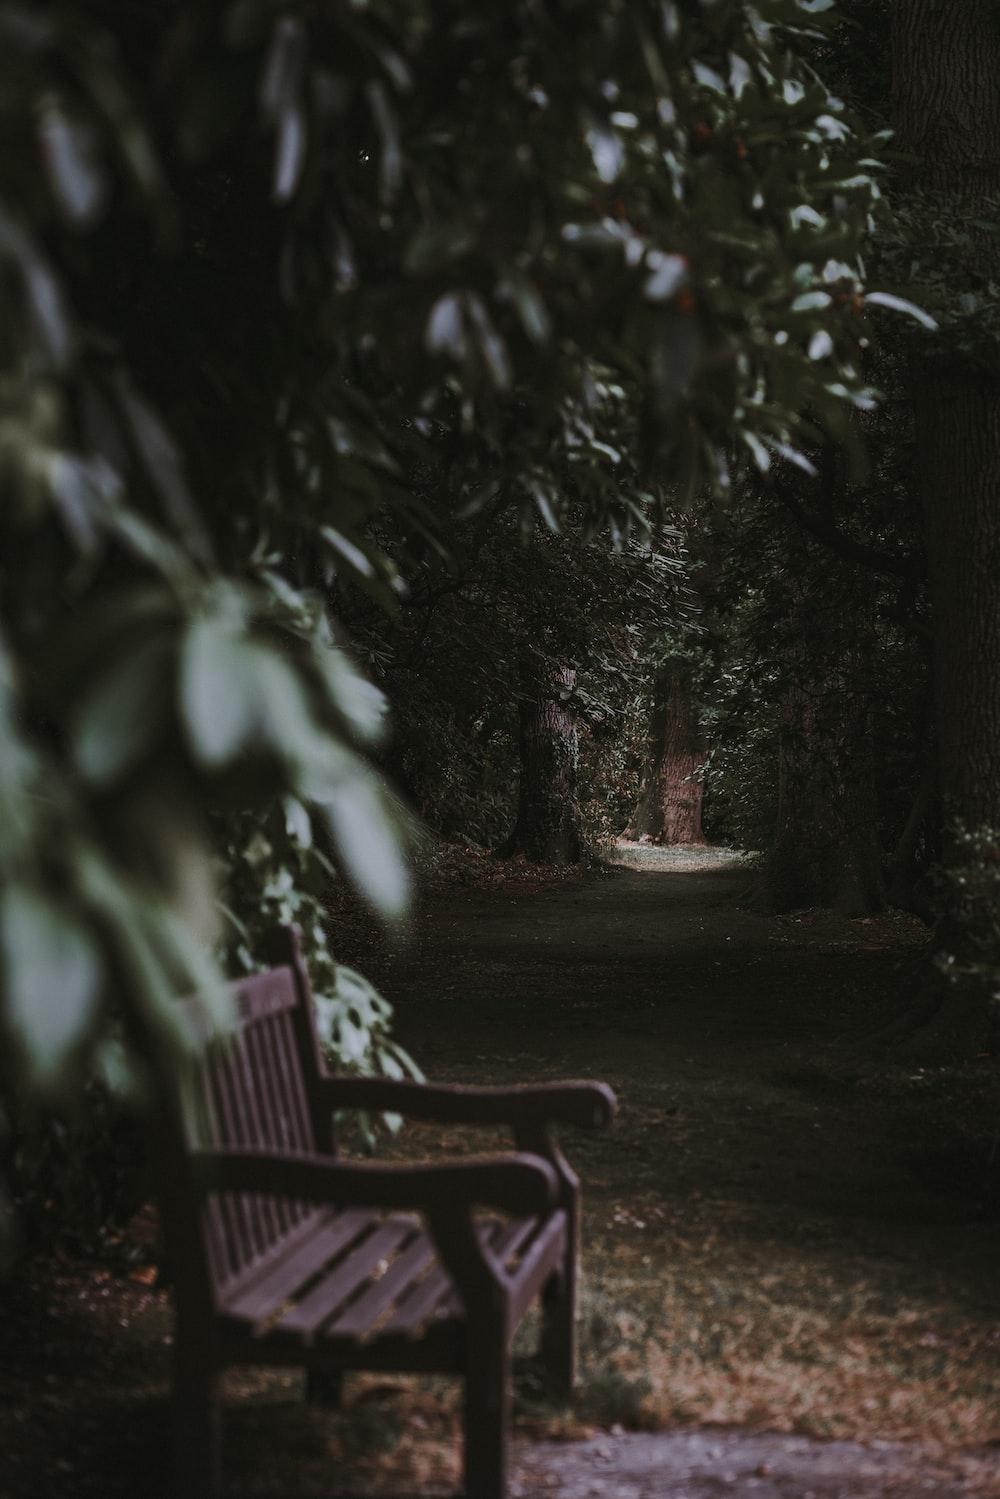 unoccupied brown wooden bench